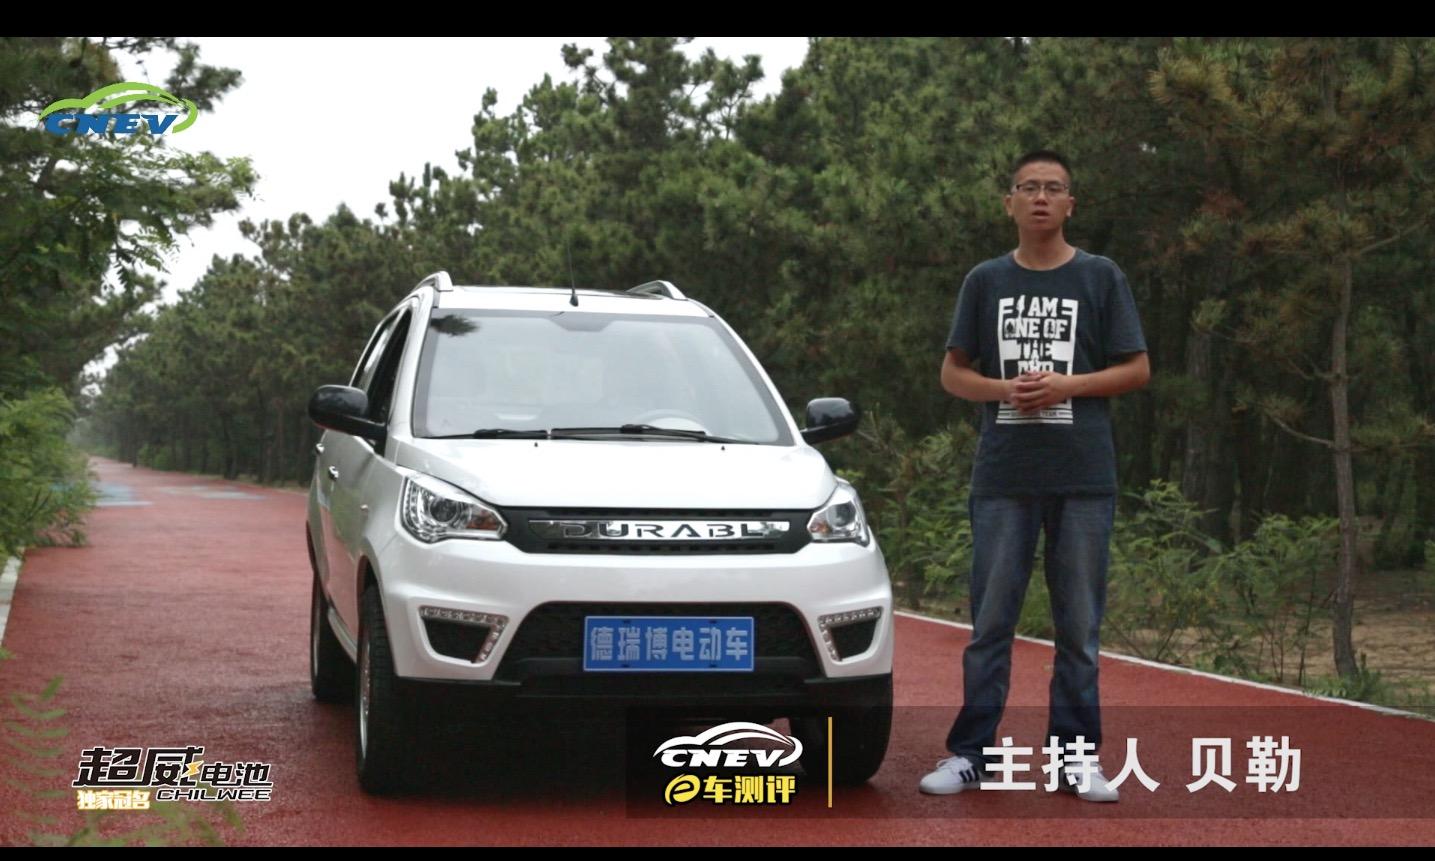 E车测评:偶像实力派 德瑞博新锐FS